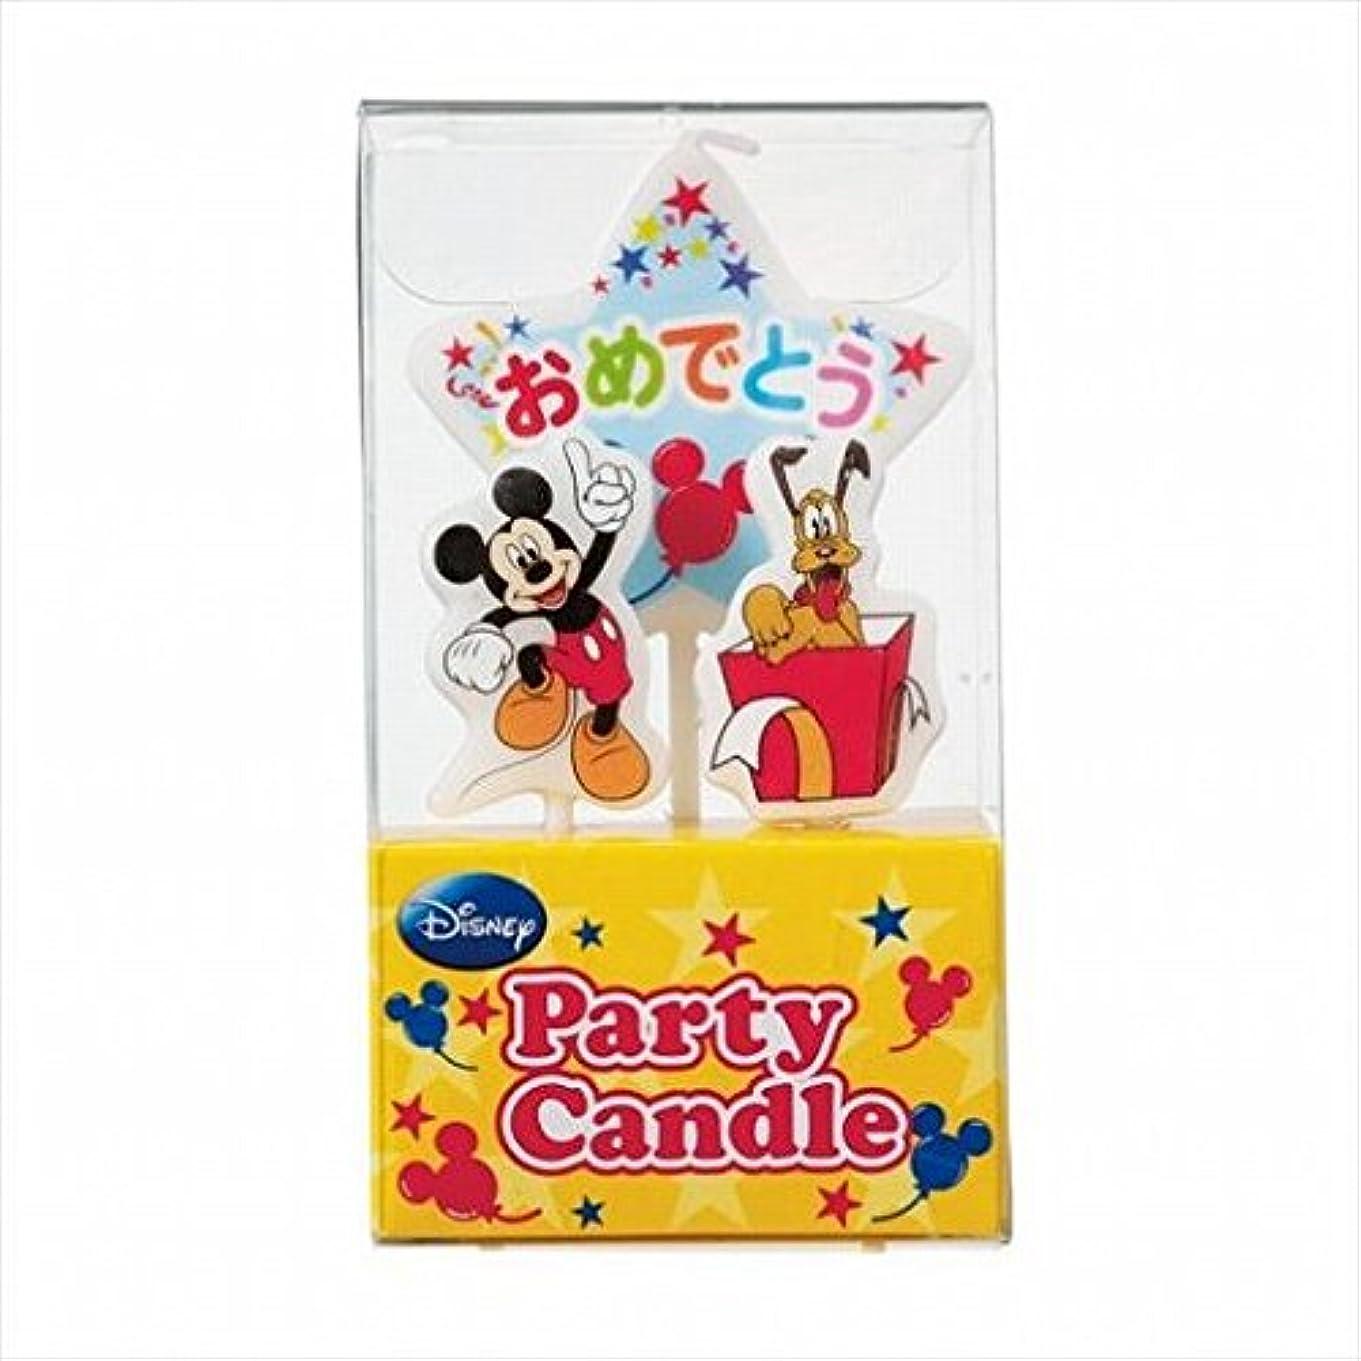 作動するに対して道徳kameyama candle(カメヤマキャンドル) ディズニーパーティーキャンドル【ケーキ用キャンドル】 「 ミッキー 」(A3120010)